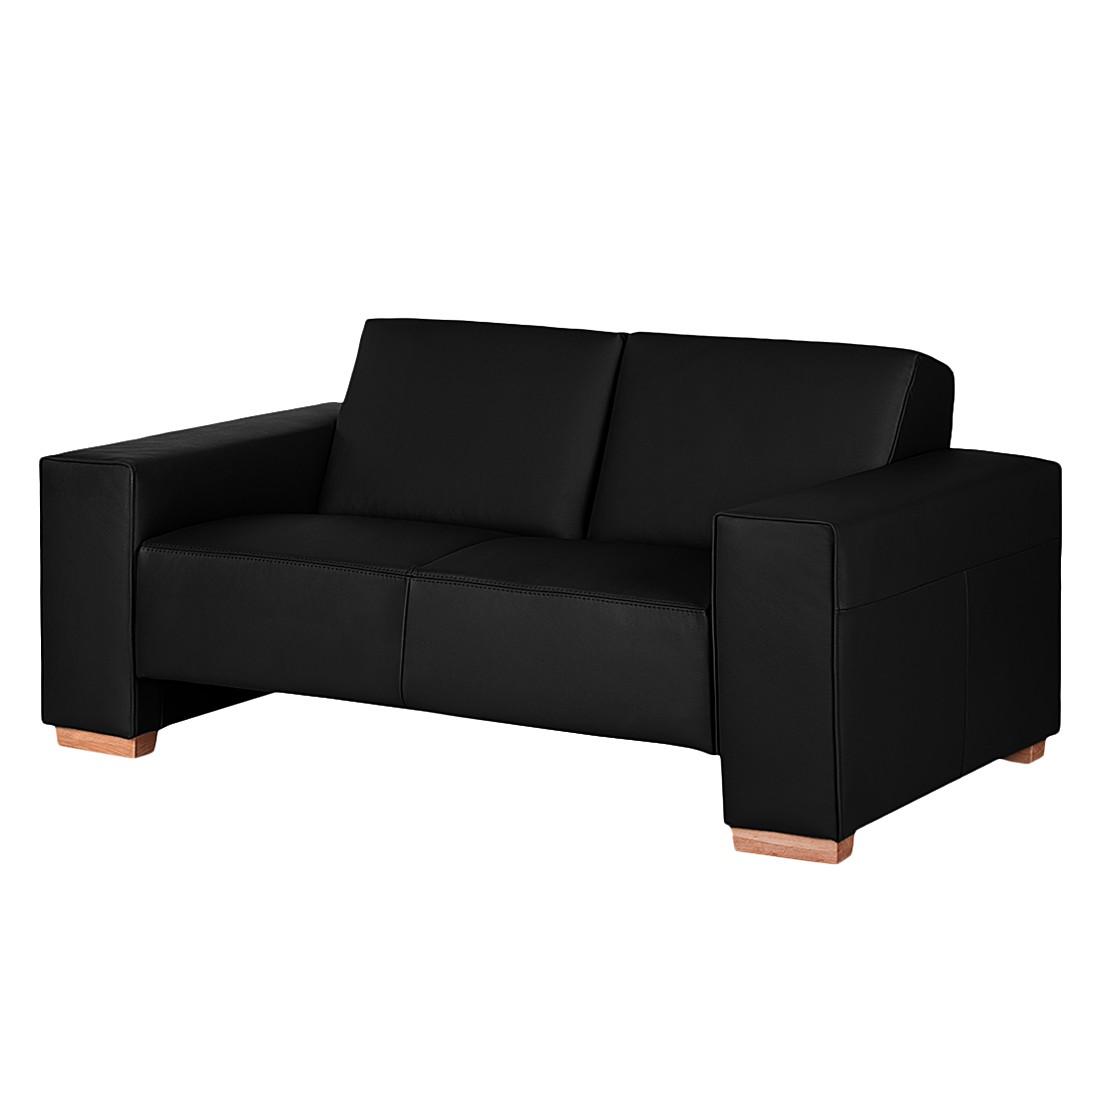 Sofa Midar (2,5-Sitzer) – Echtleder Schwarz, roomscape online kaufen